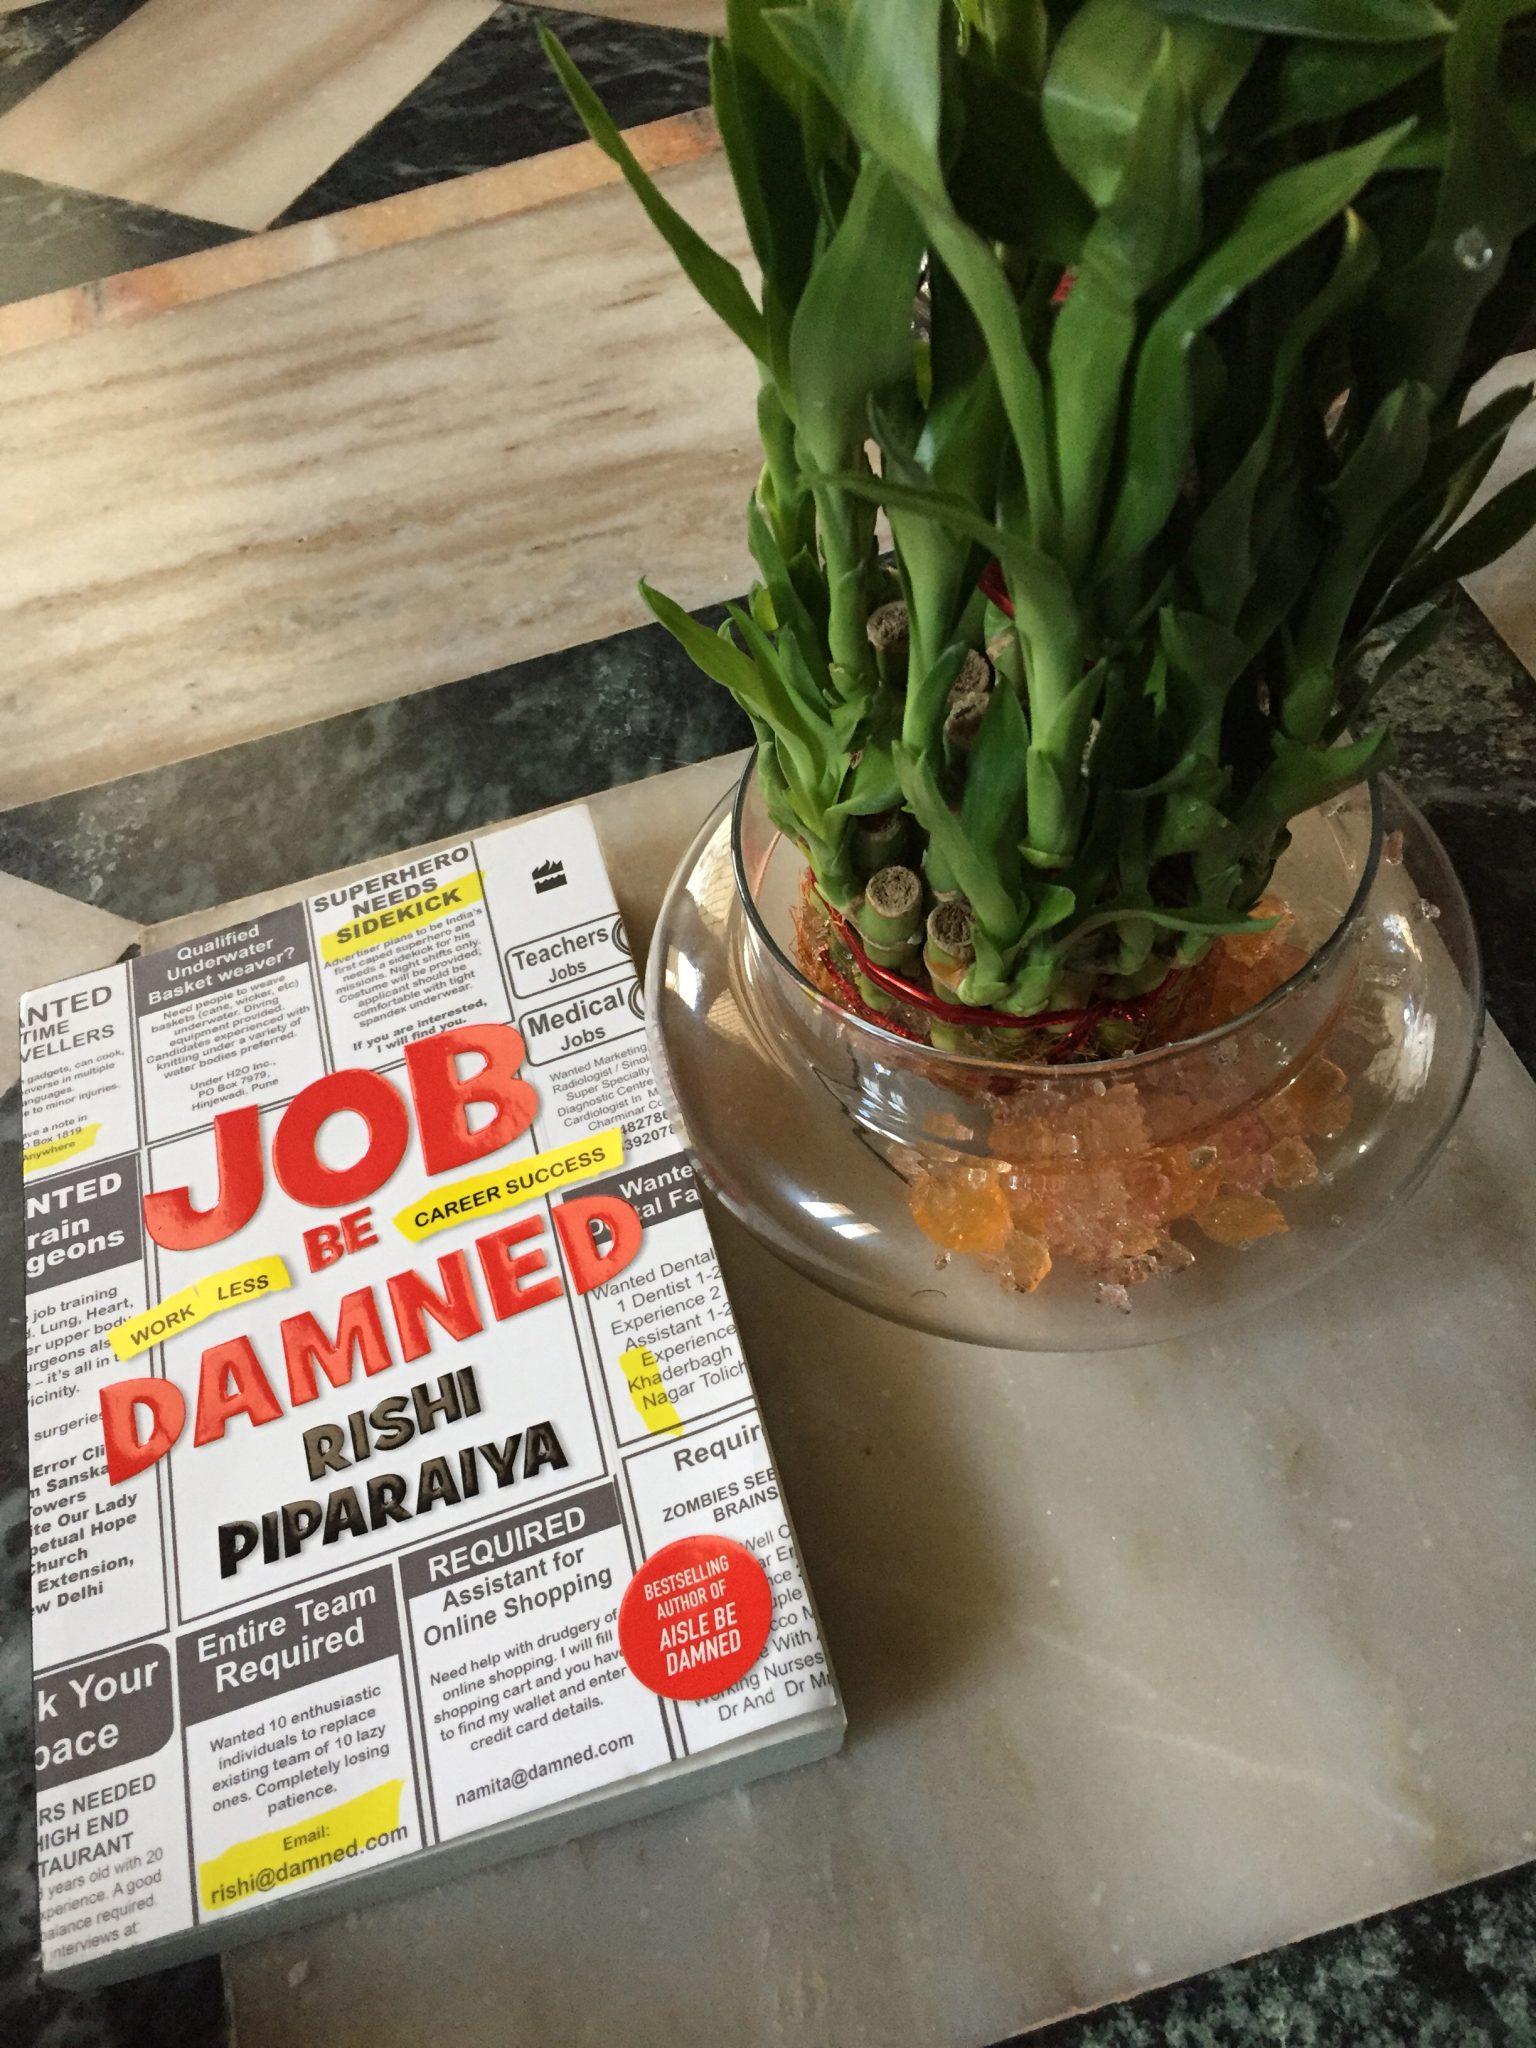 Job Be Damned by Rishi Piparaiya